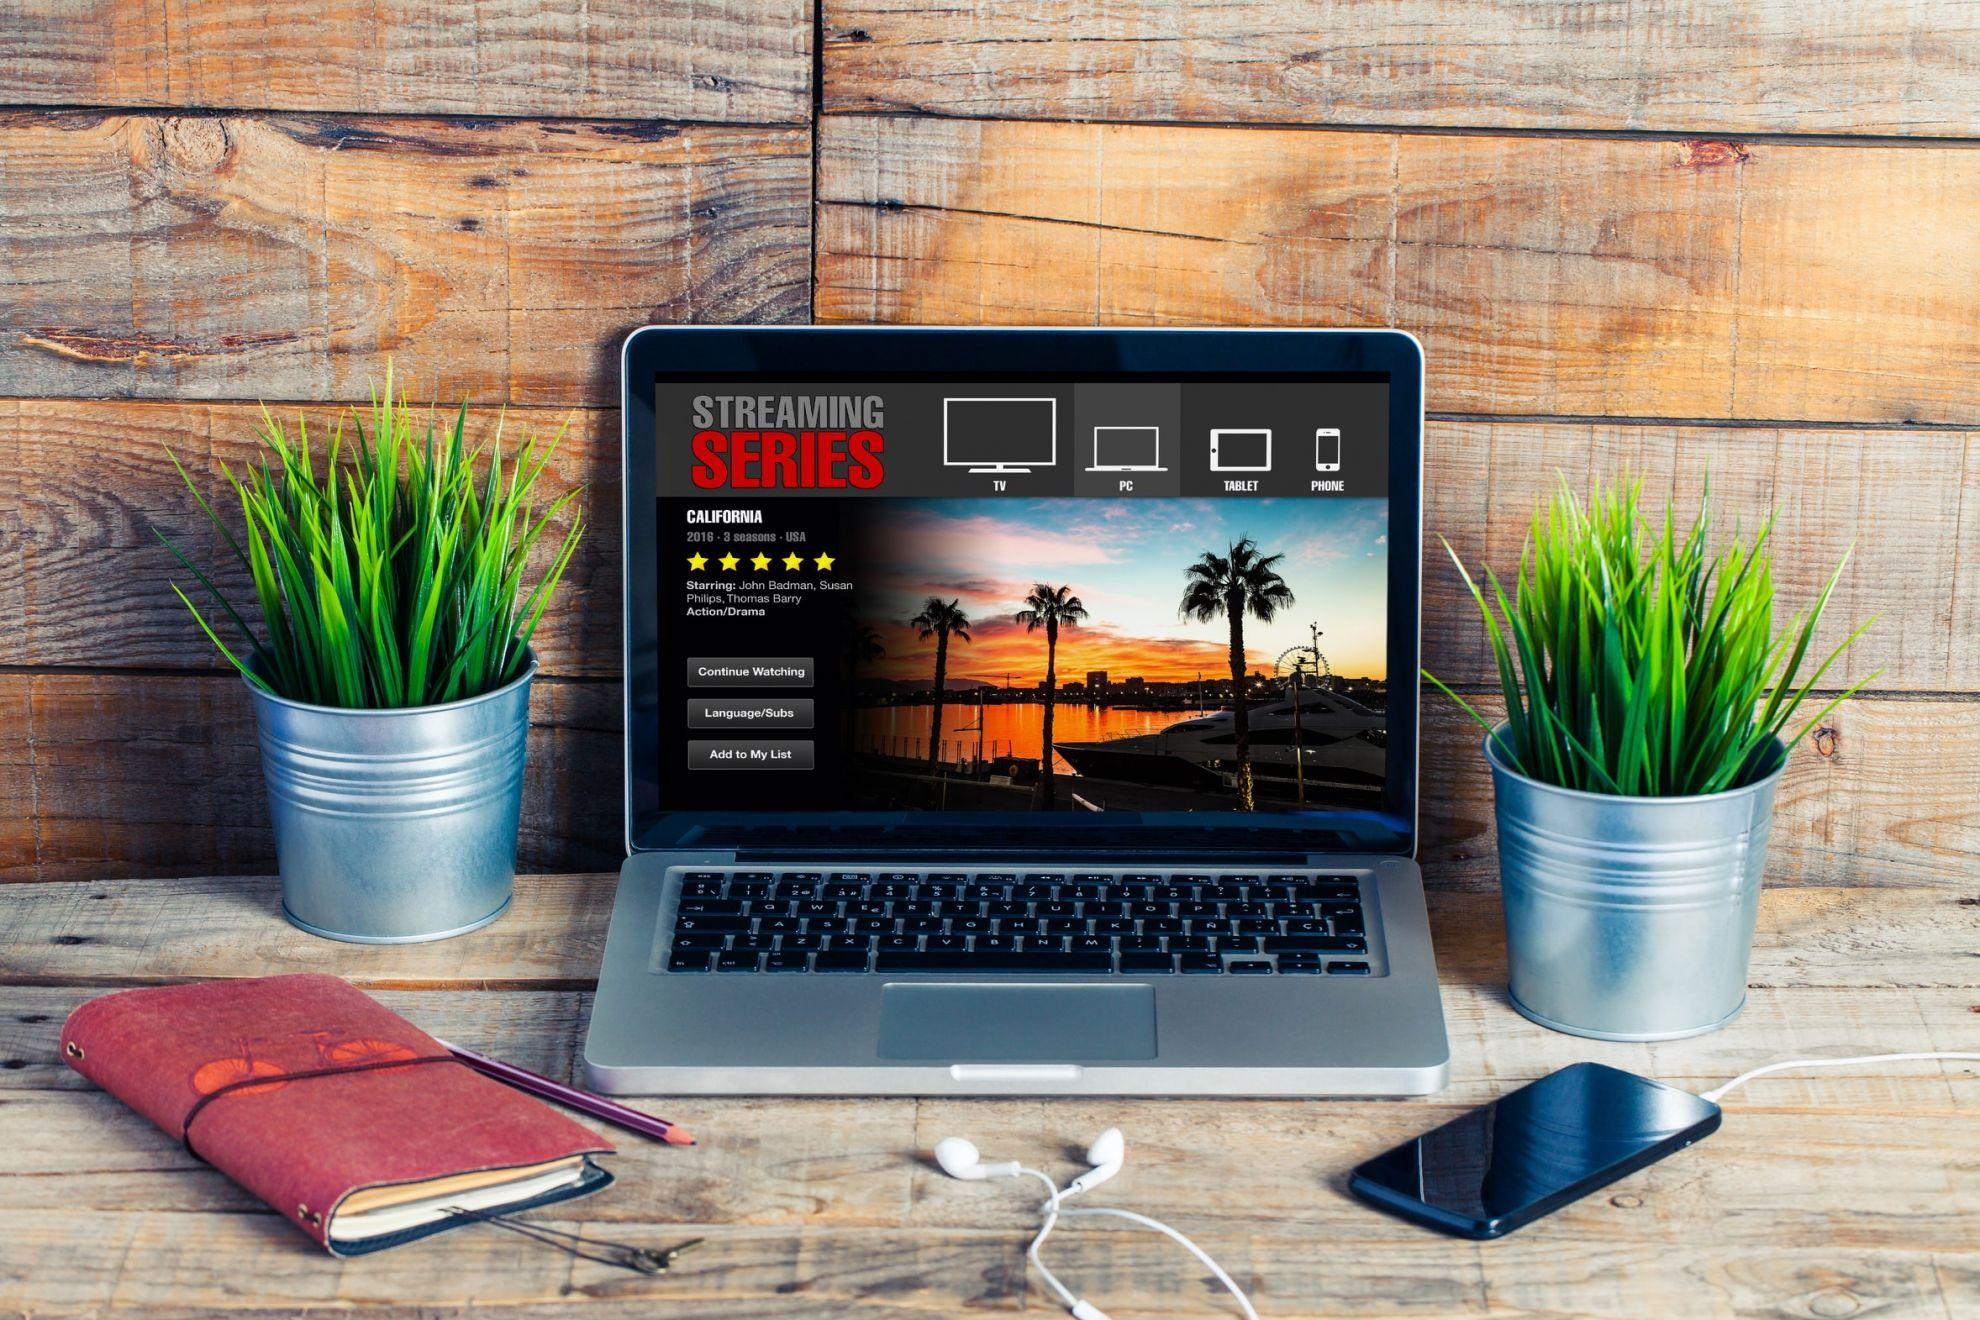 Online-Videodienst Netflix boomt weiter - drehscheibe